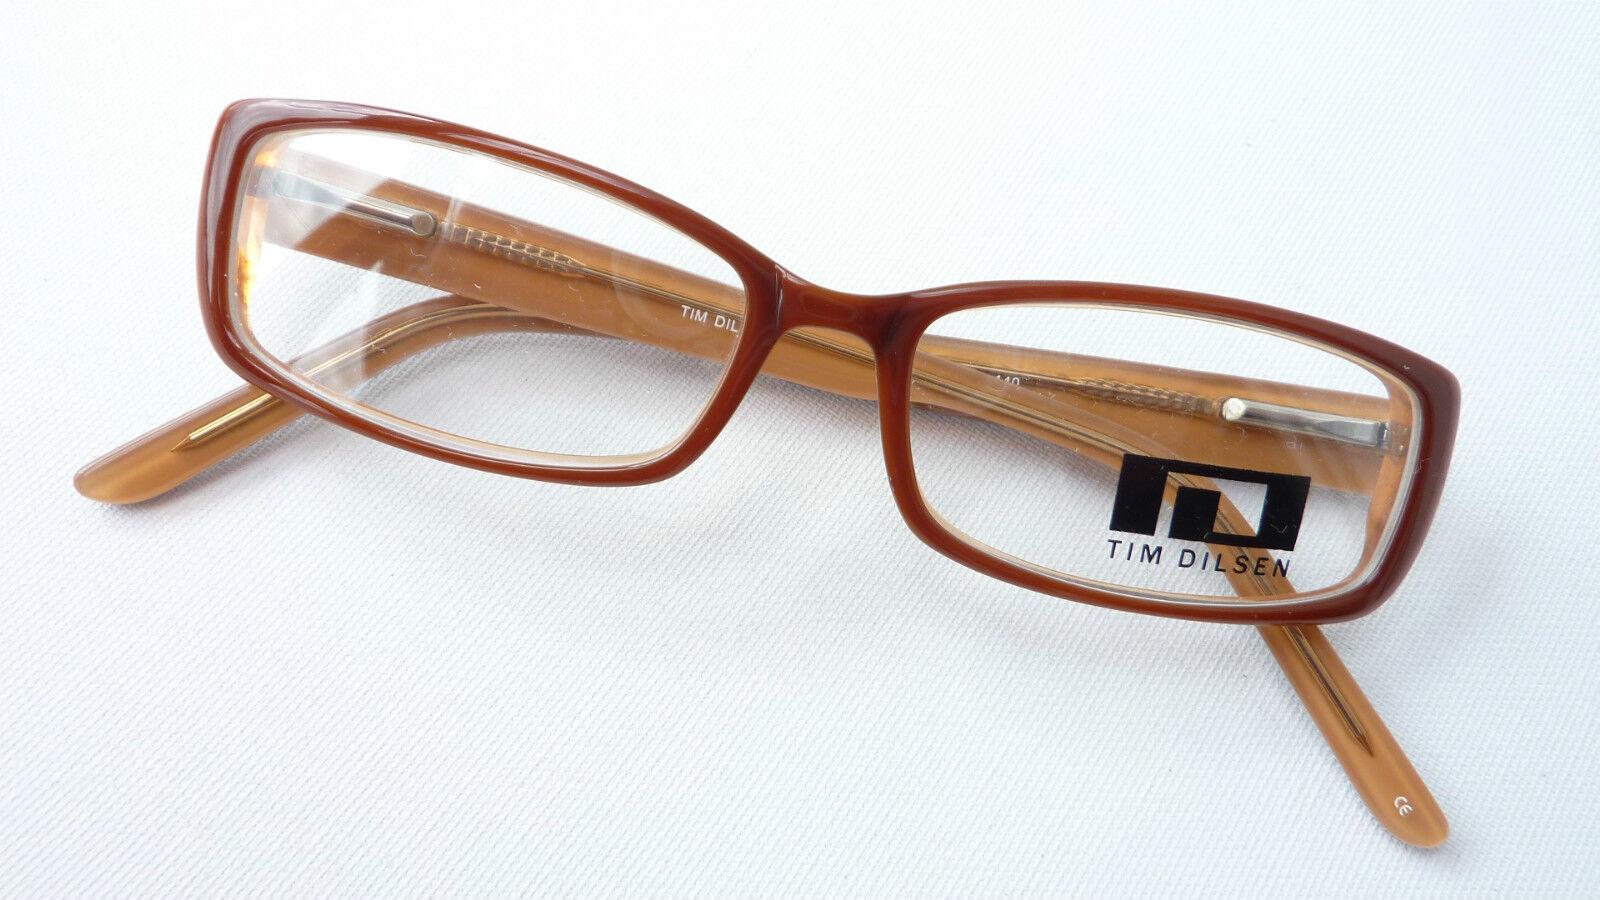 Tim Dilsen Kunststoff-Brillen Damengestell Erdfarben braun Flexbügel Grösse S         Exzellente Verarbeitung    Auktion    Qualität und Quantität garantiert  6d4a09